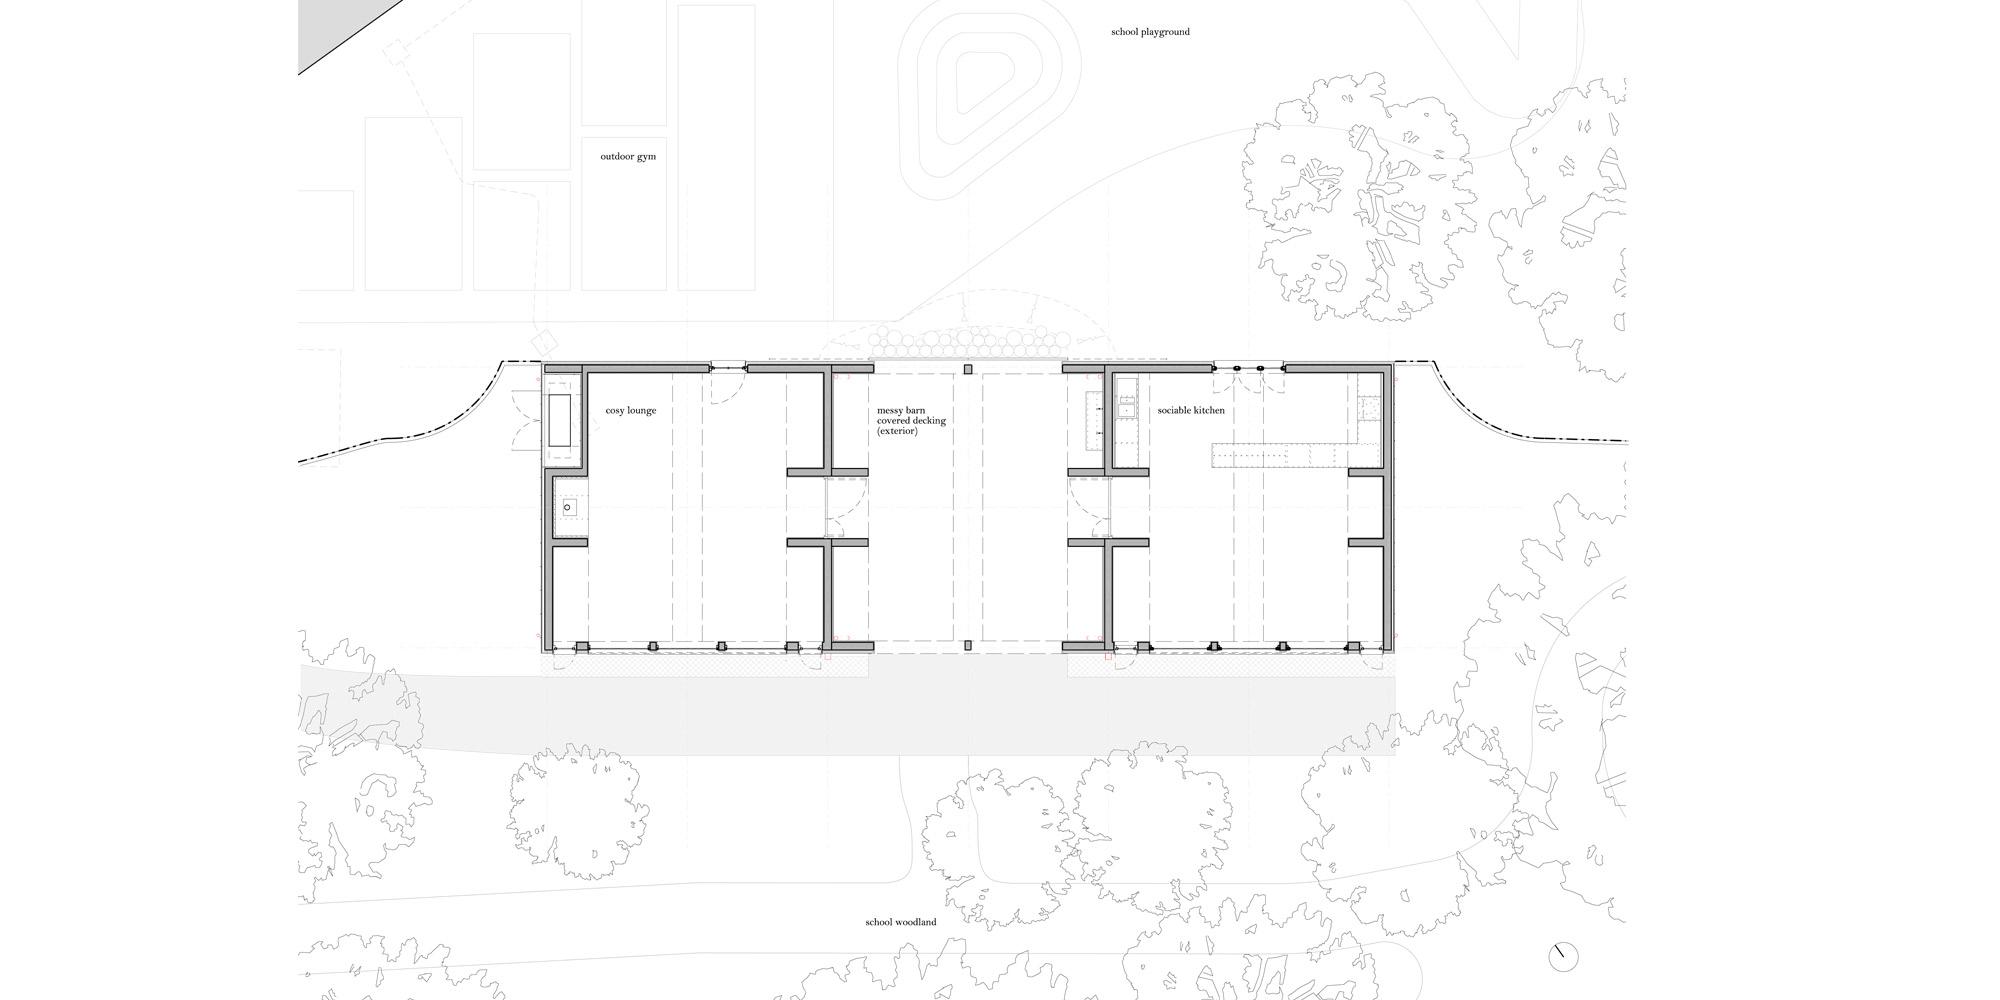 Ground floor plan © Studio Weave